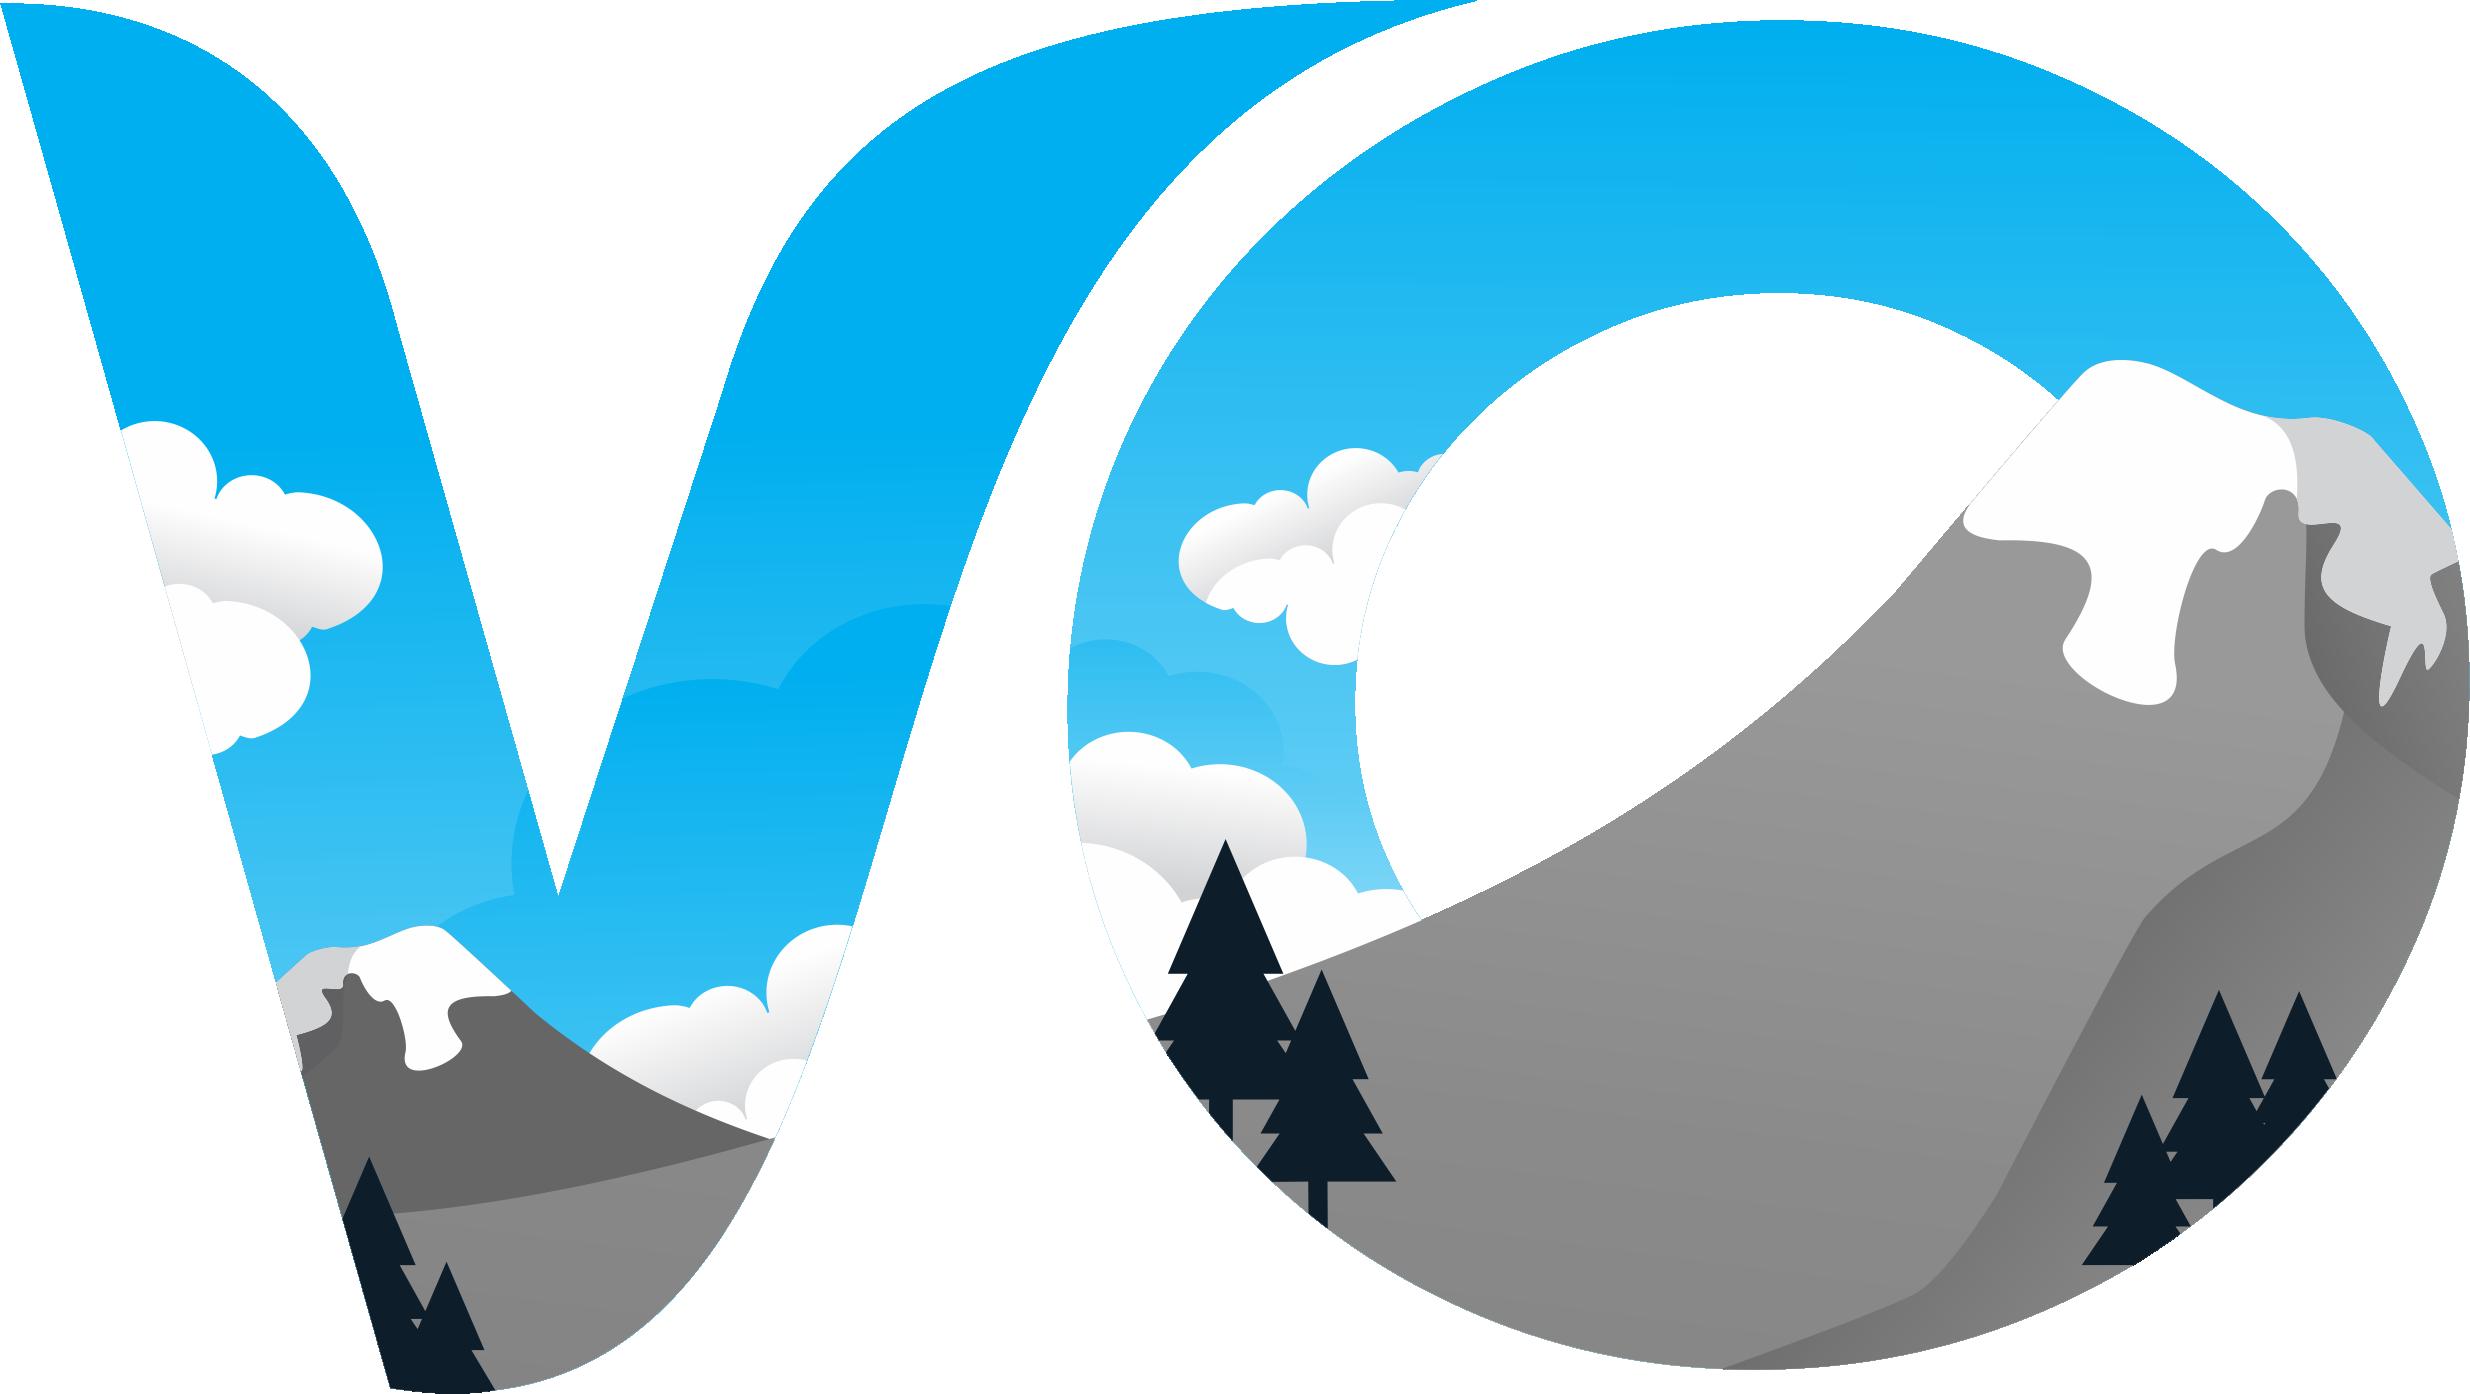 VO Logo - Next